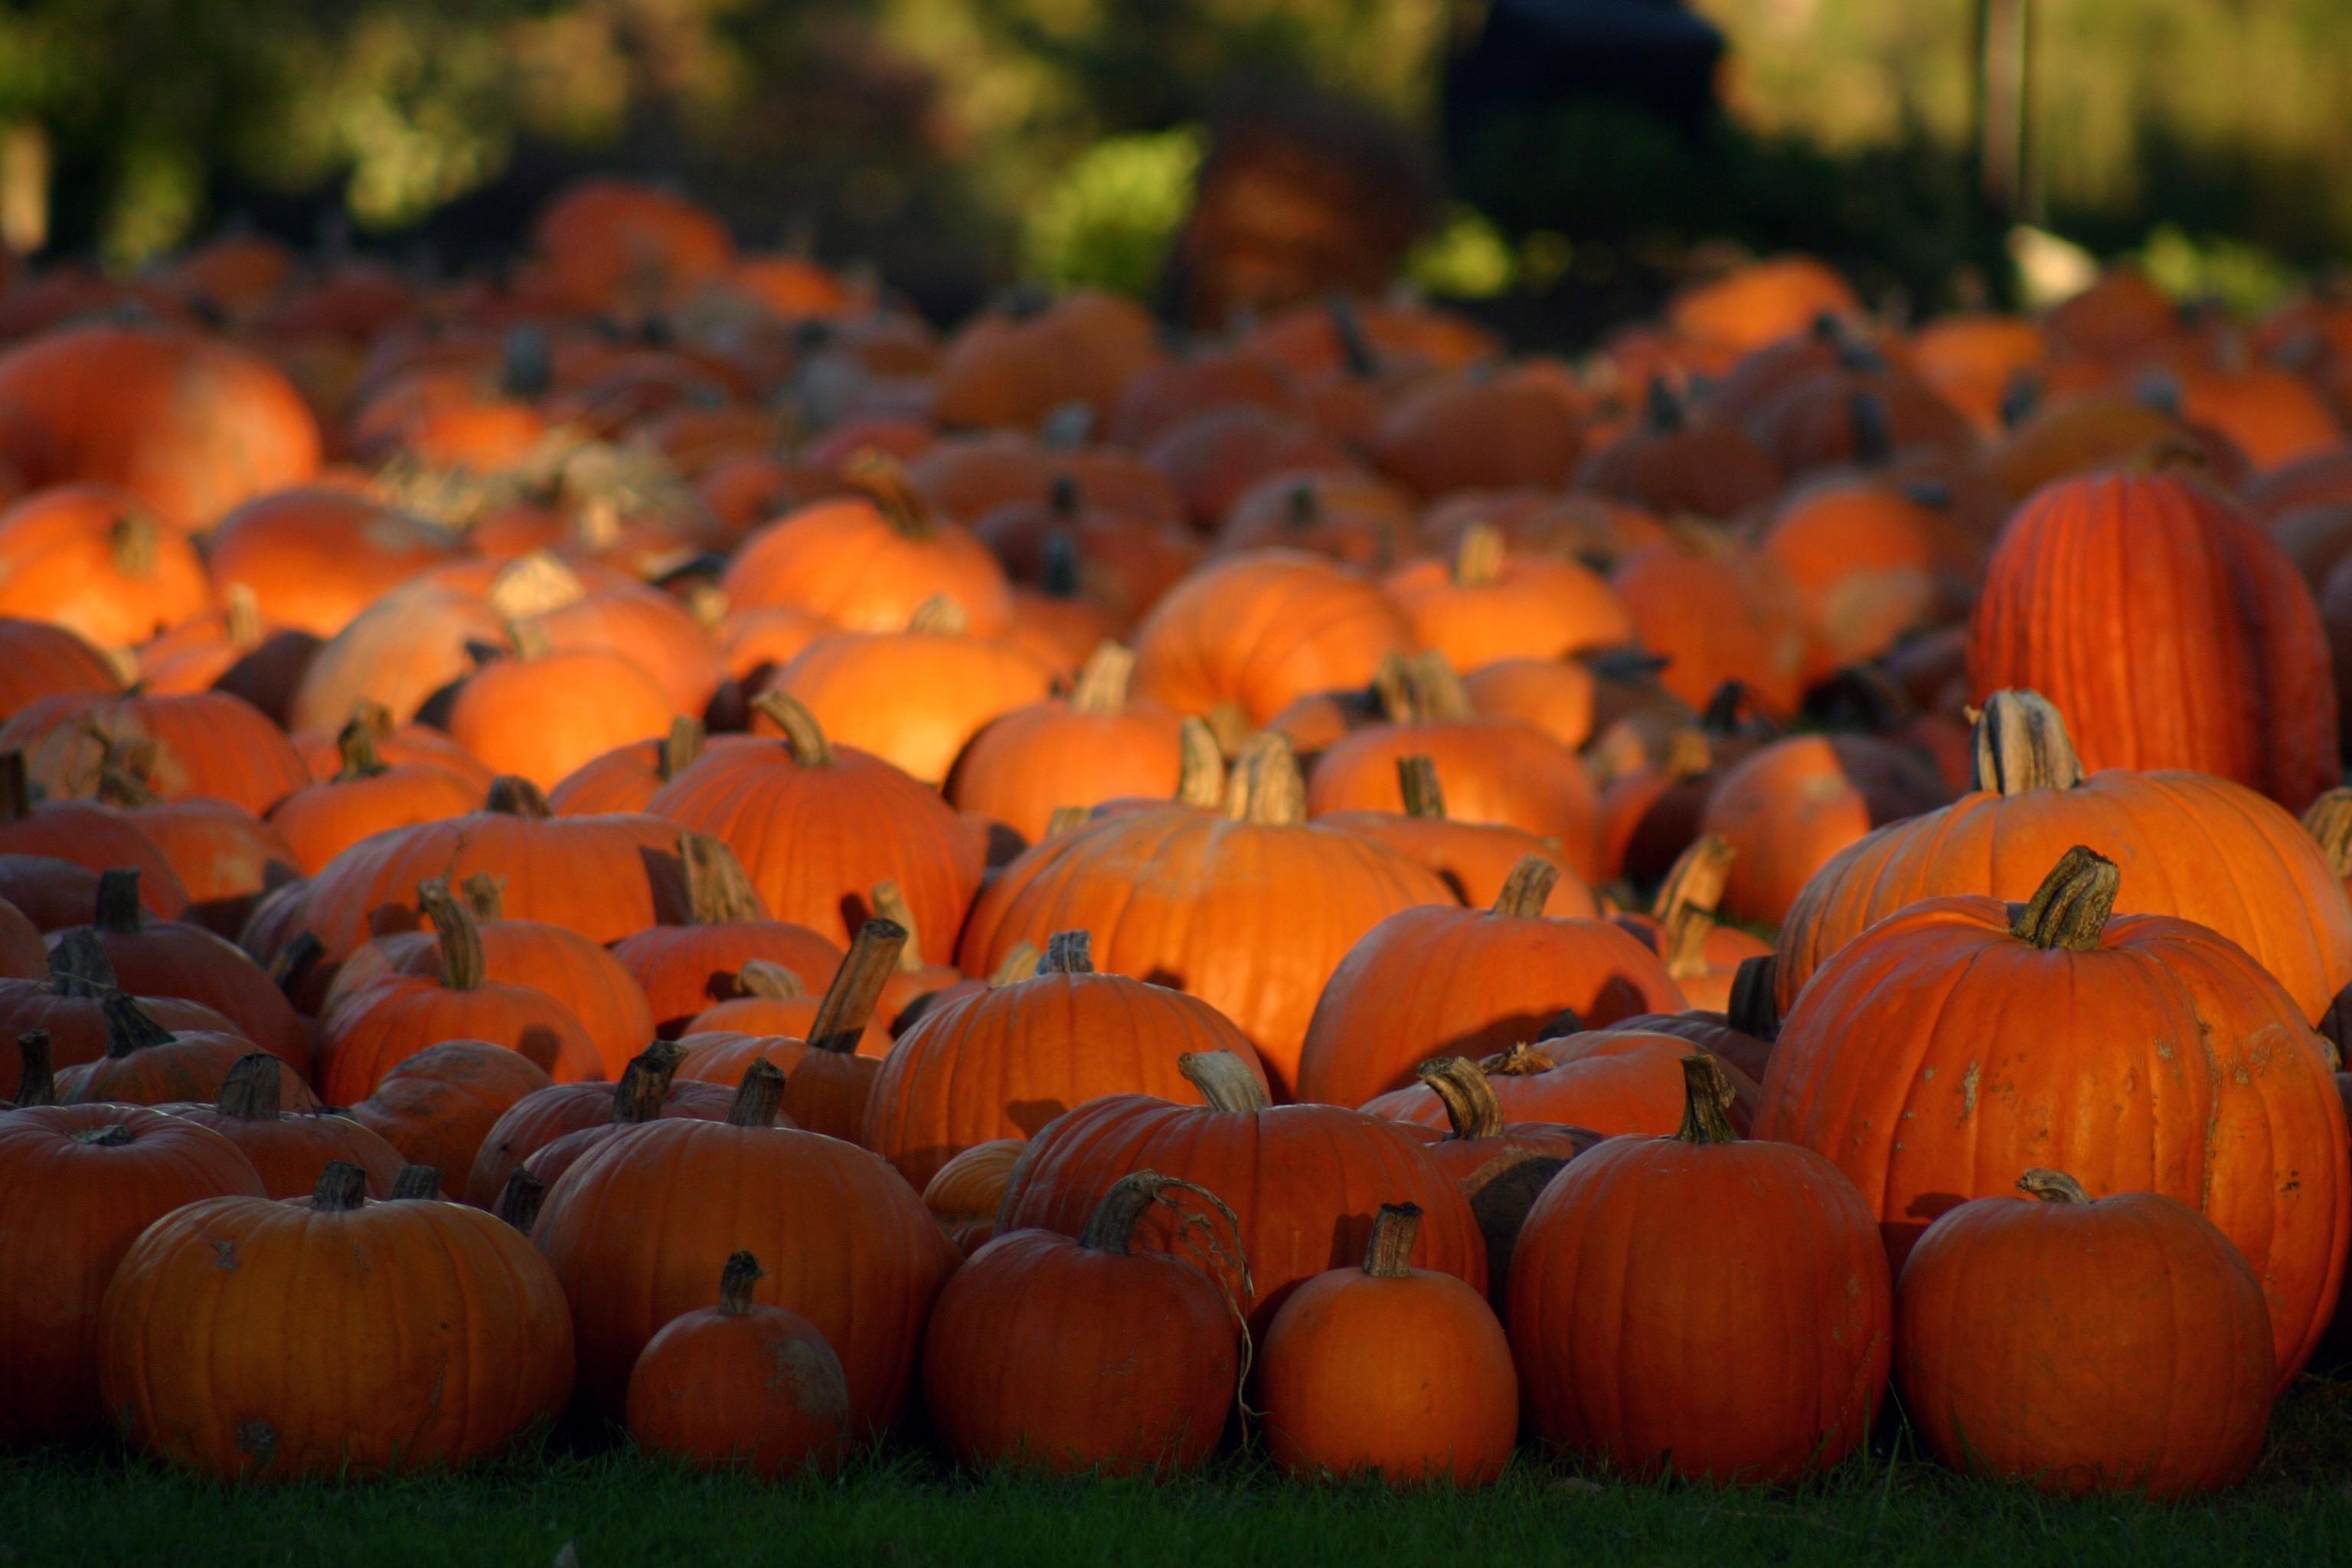 Pumpkins Halloween Pumpkin Patch Wallpaper MAROONBEARD